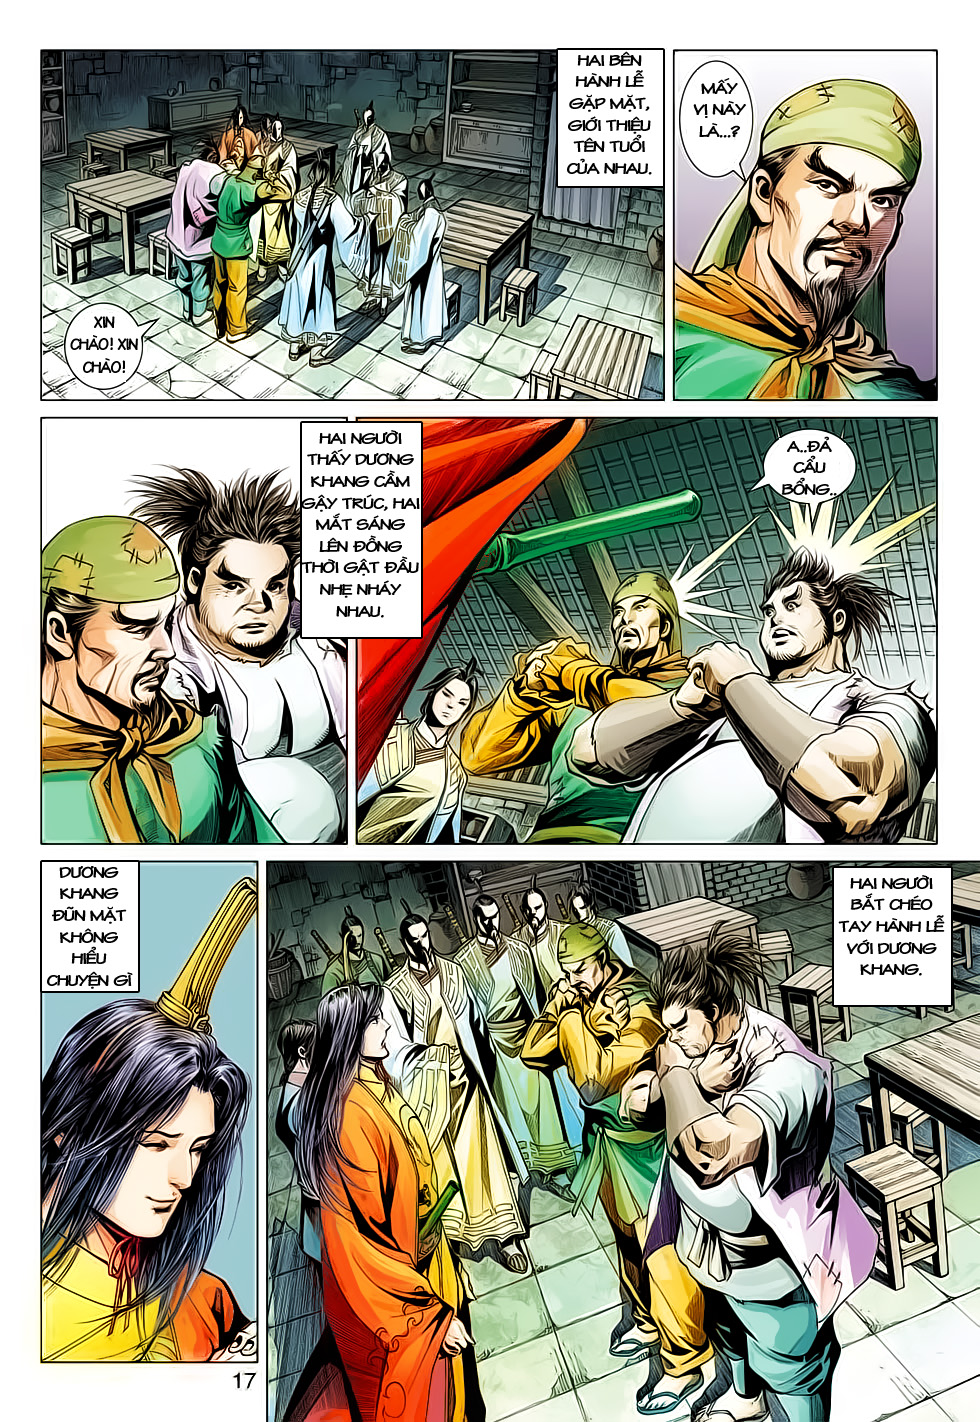 Anh Hùng Xạ Điêu anh hùng xạ đêu chap 61: thất tử chiến thiết thi trang 17